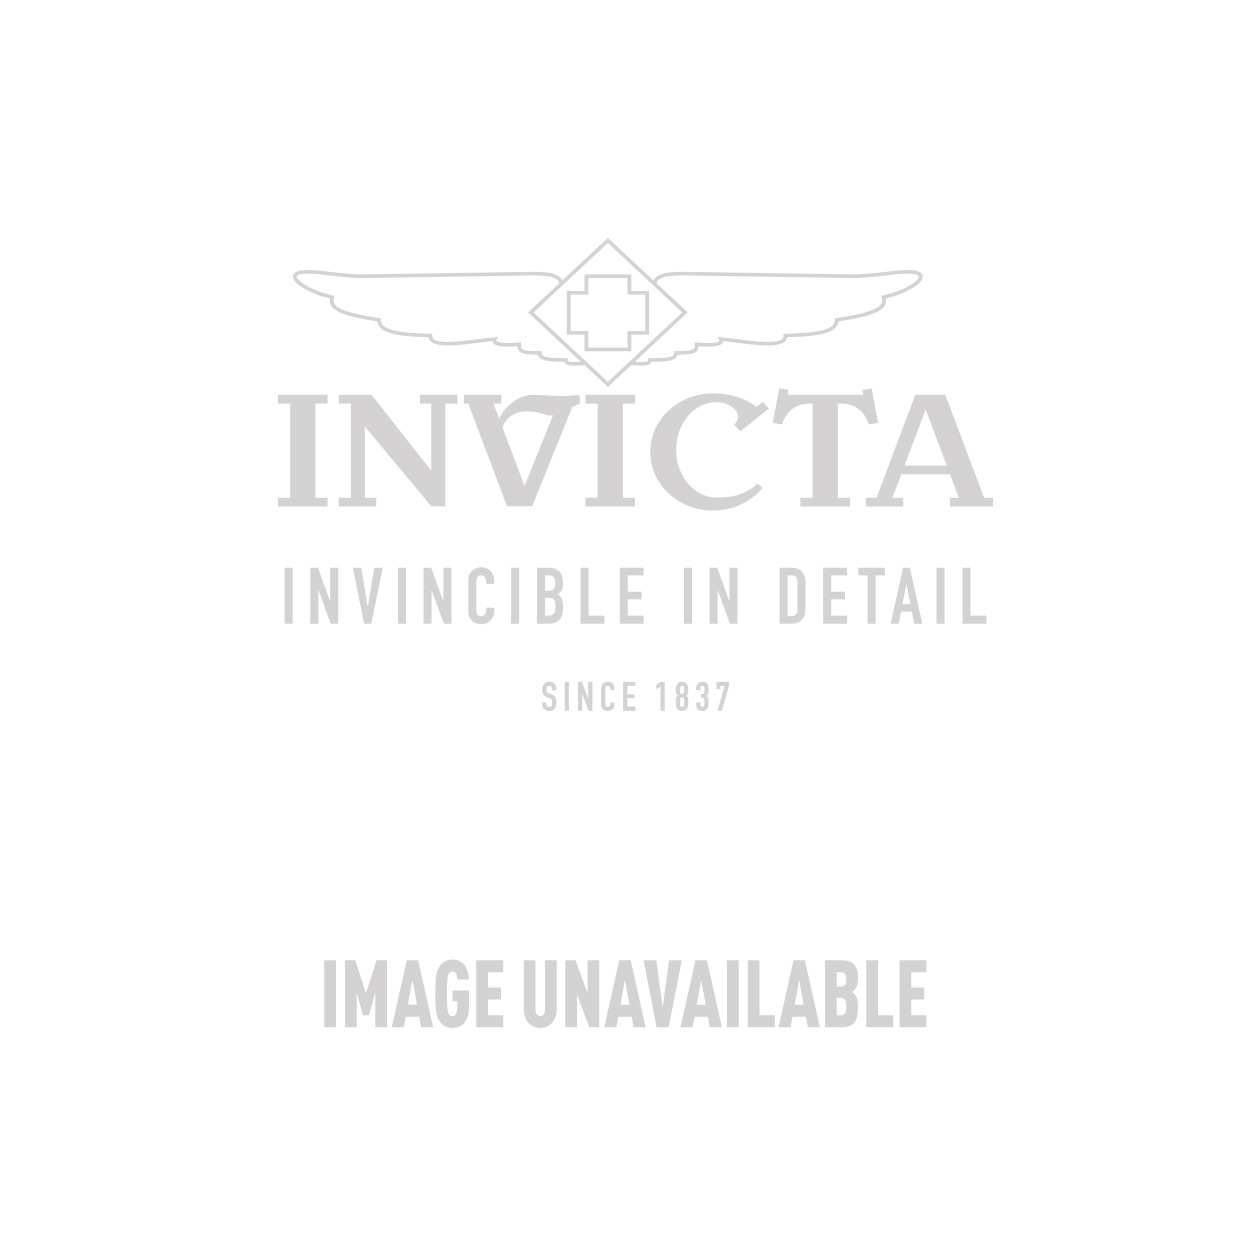 Invicta Model 24790